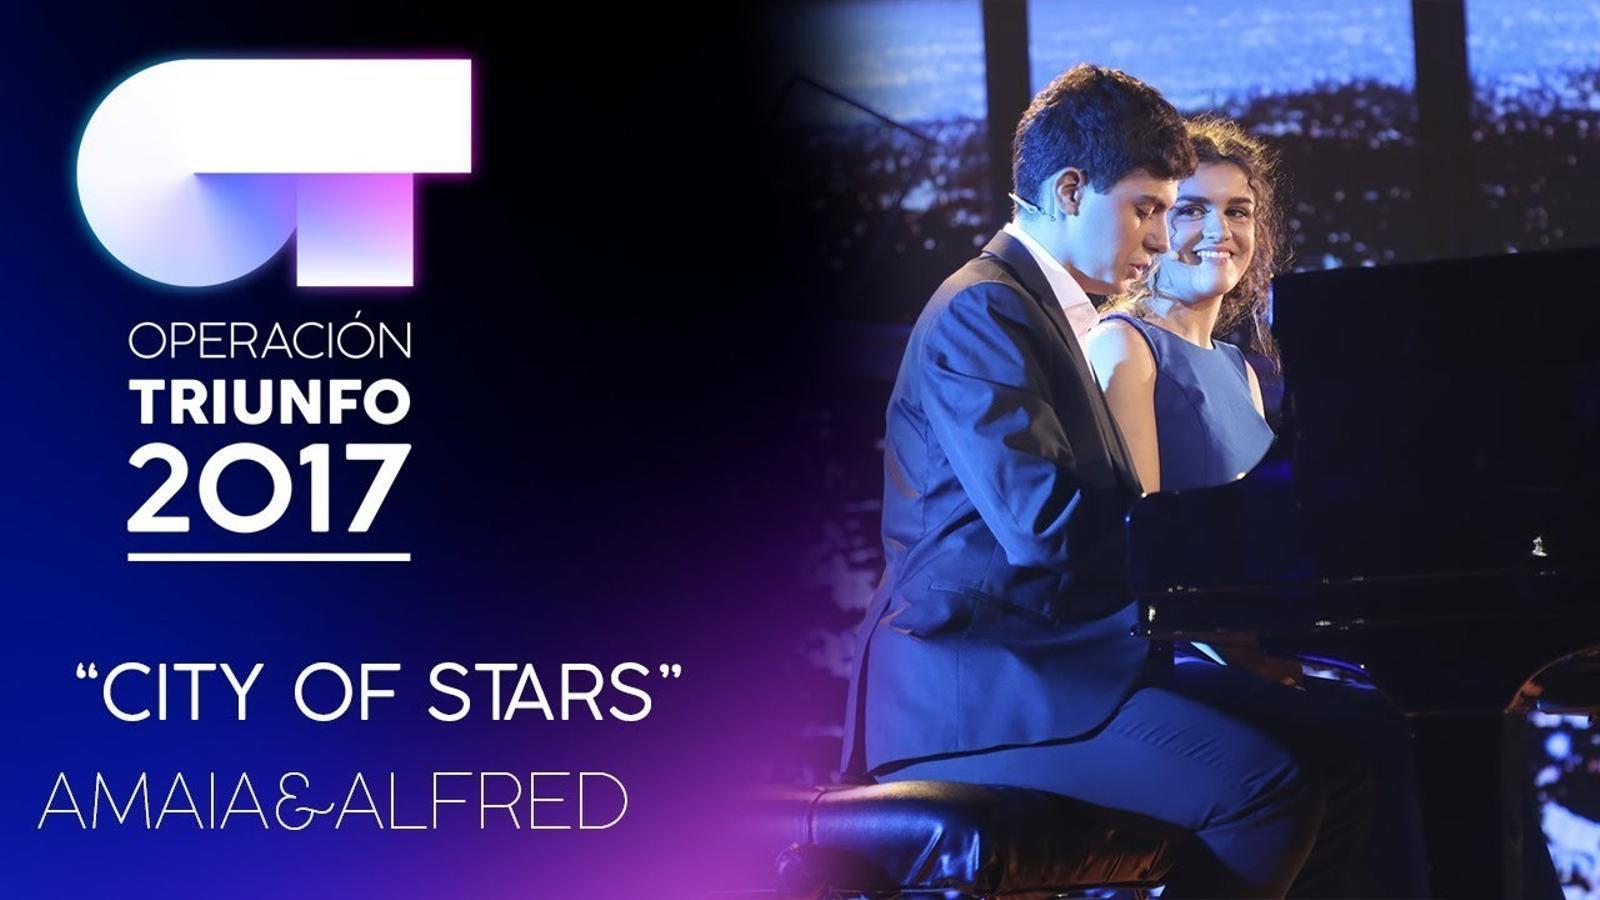 'City of stars', la cançó més coneguda d'Almaia